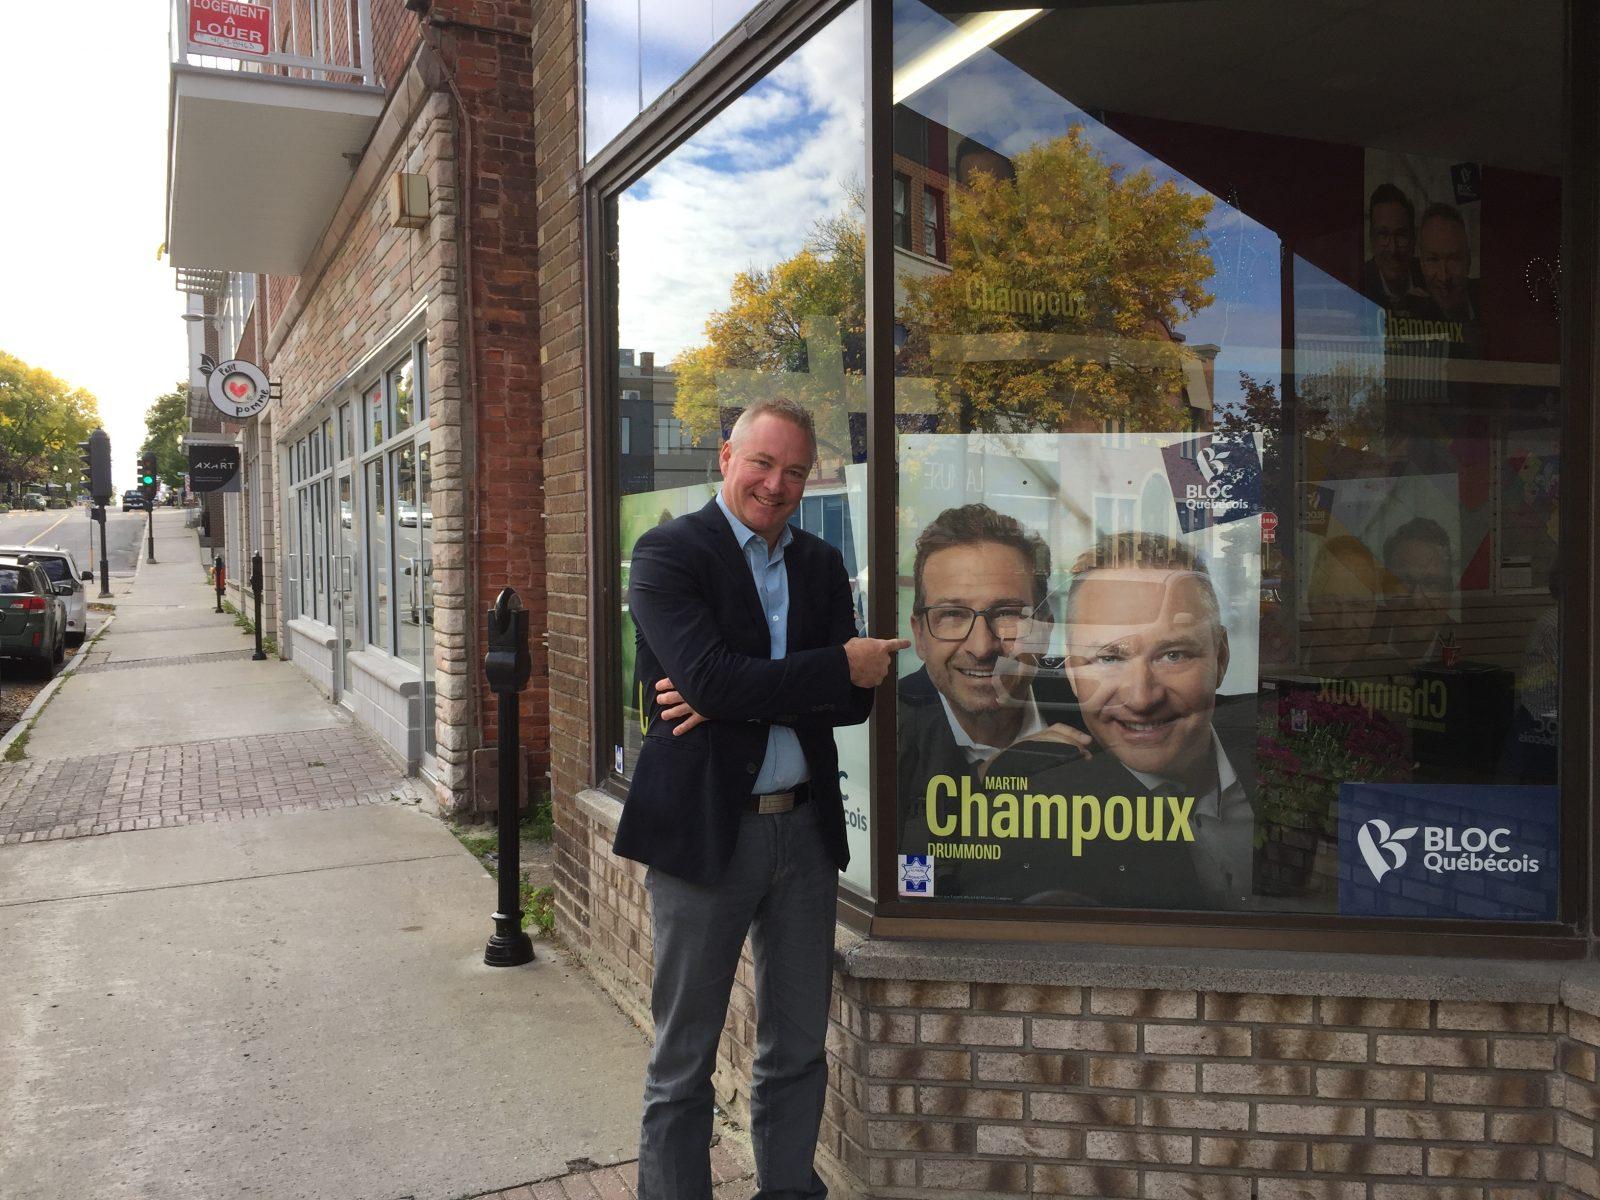 Pour Martin Champoux, l'équilibre travail-famille-politique avant tout